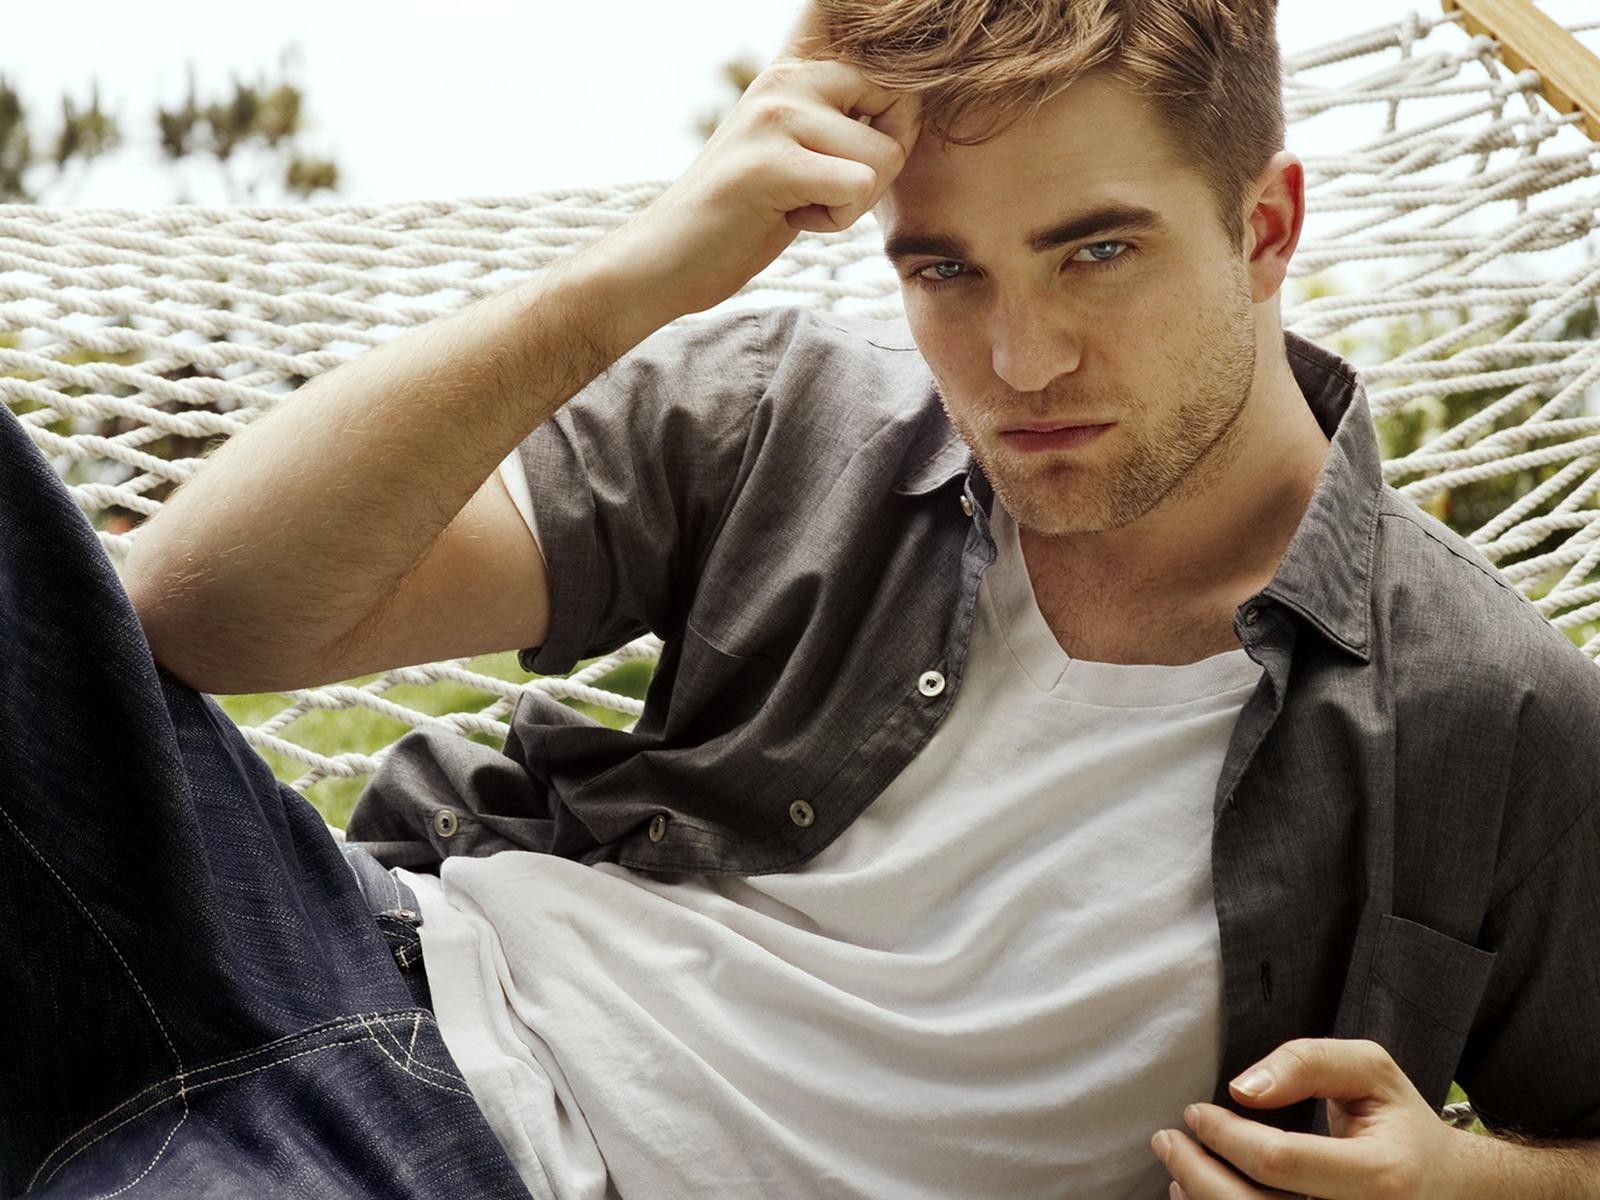 http://2.bp.blogspot.com/-eZpy4jrc9sM/UW2_qm0lJII/AAAAAAAABh8/cler7oCylRg/s1600/Robert-Pattinson-Style-Model.jpg